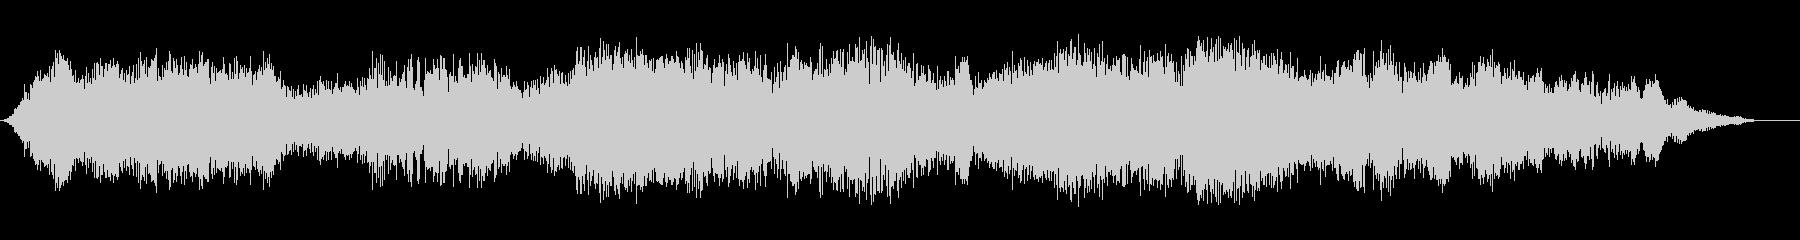 スピリットホロー2の未再生の波形